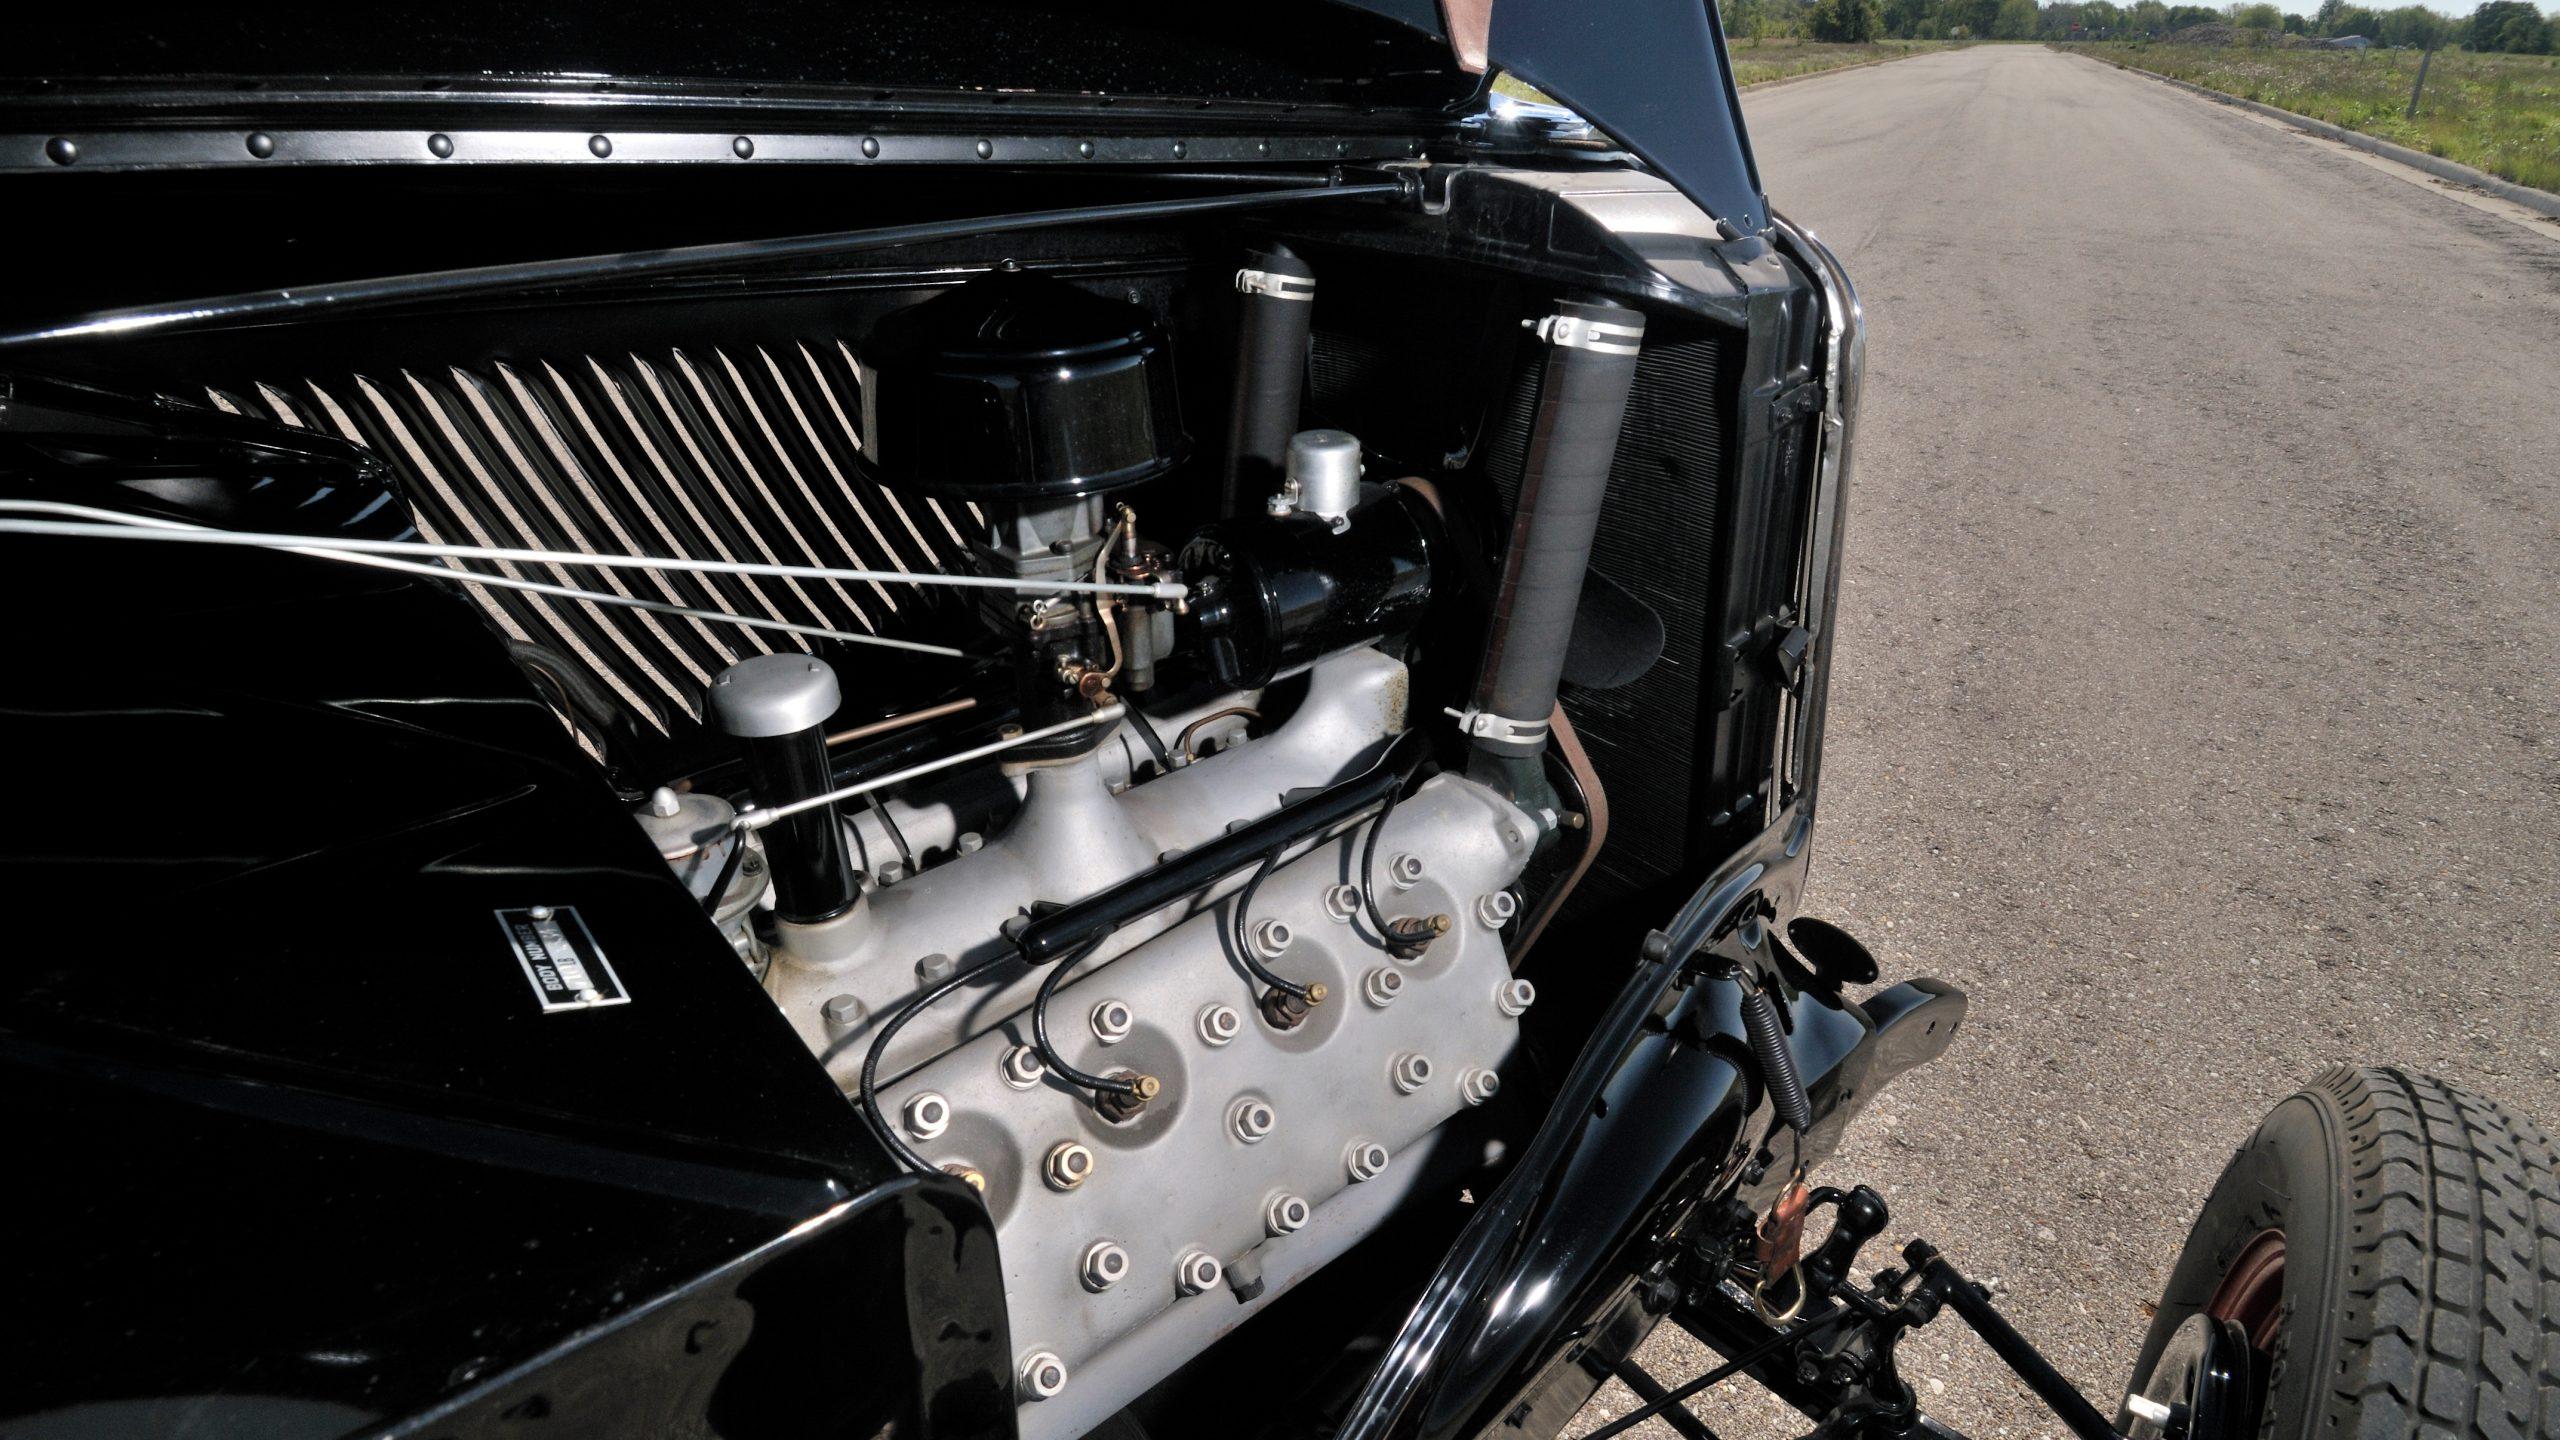 1933 Ford flathead V-8 engine